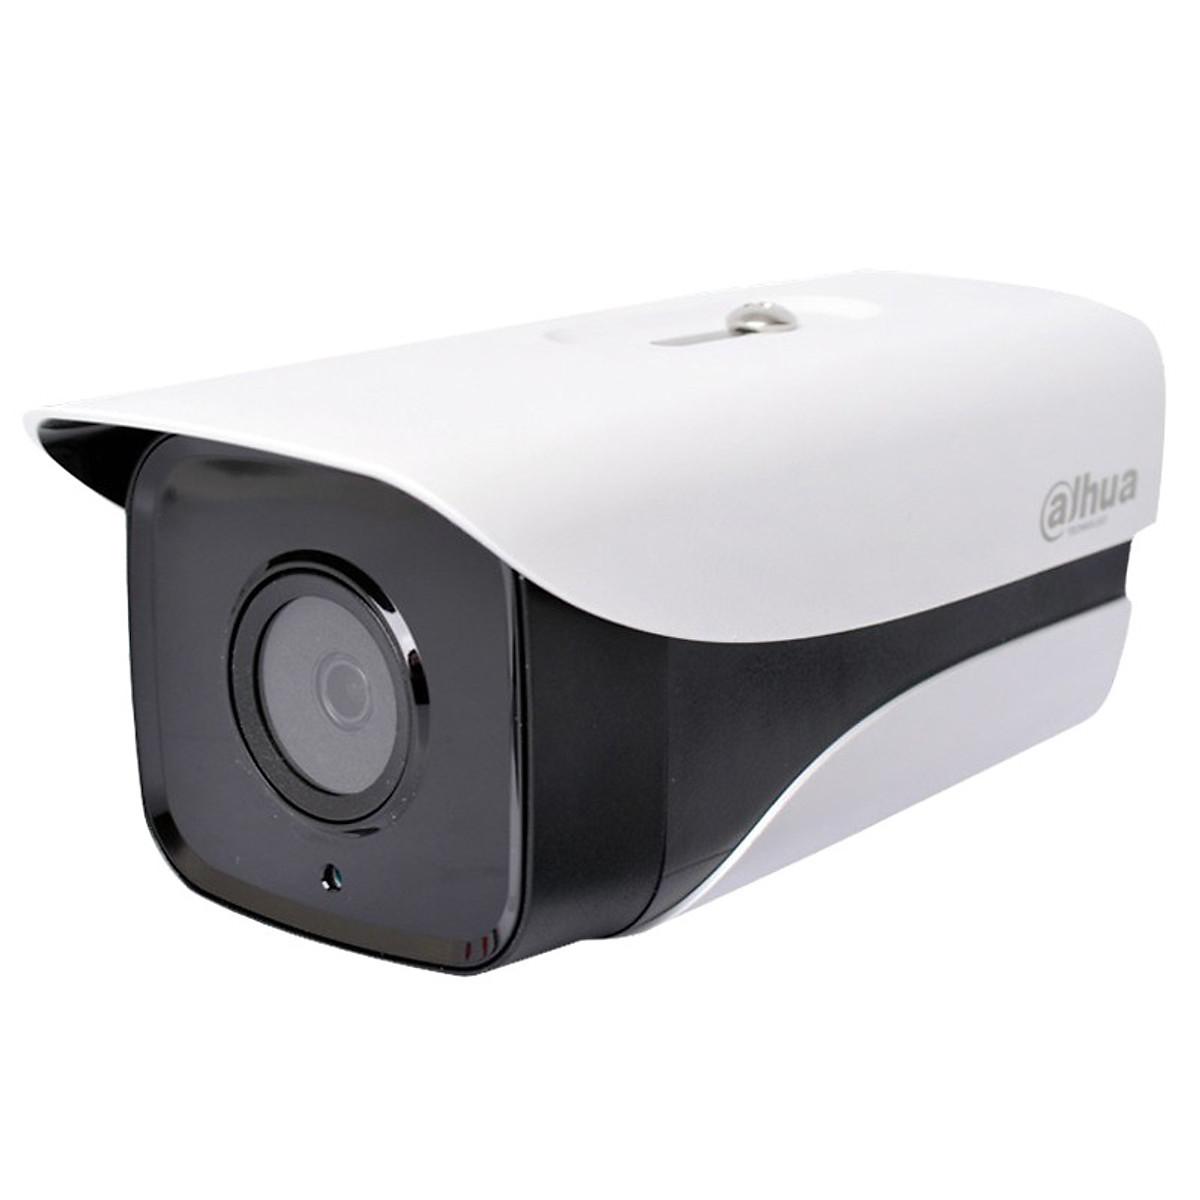 Camera IP Dahua DH-IPC-HFW 1235M-I1 – Hàng Nhập Khẩu